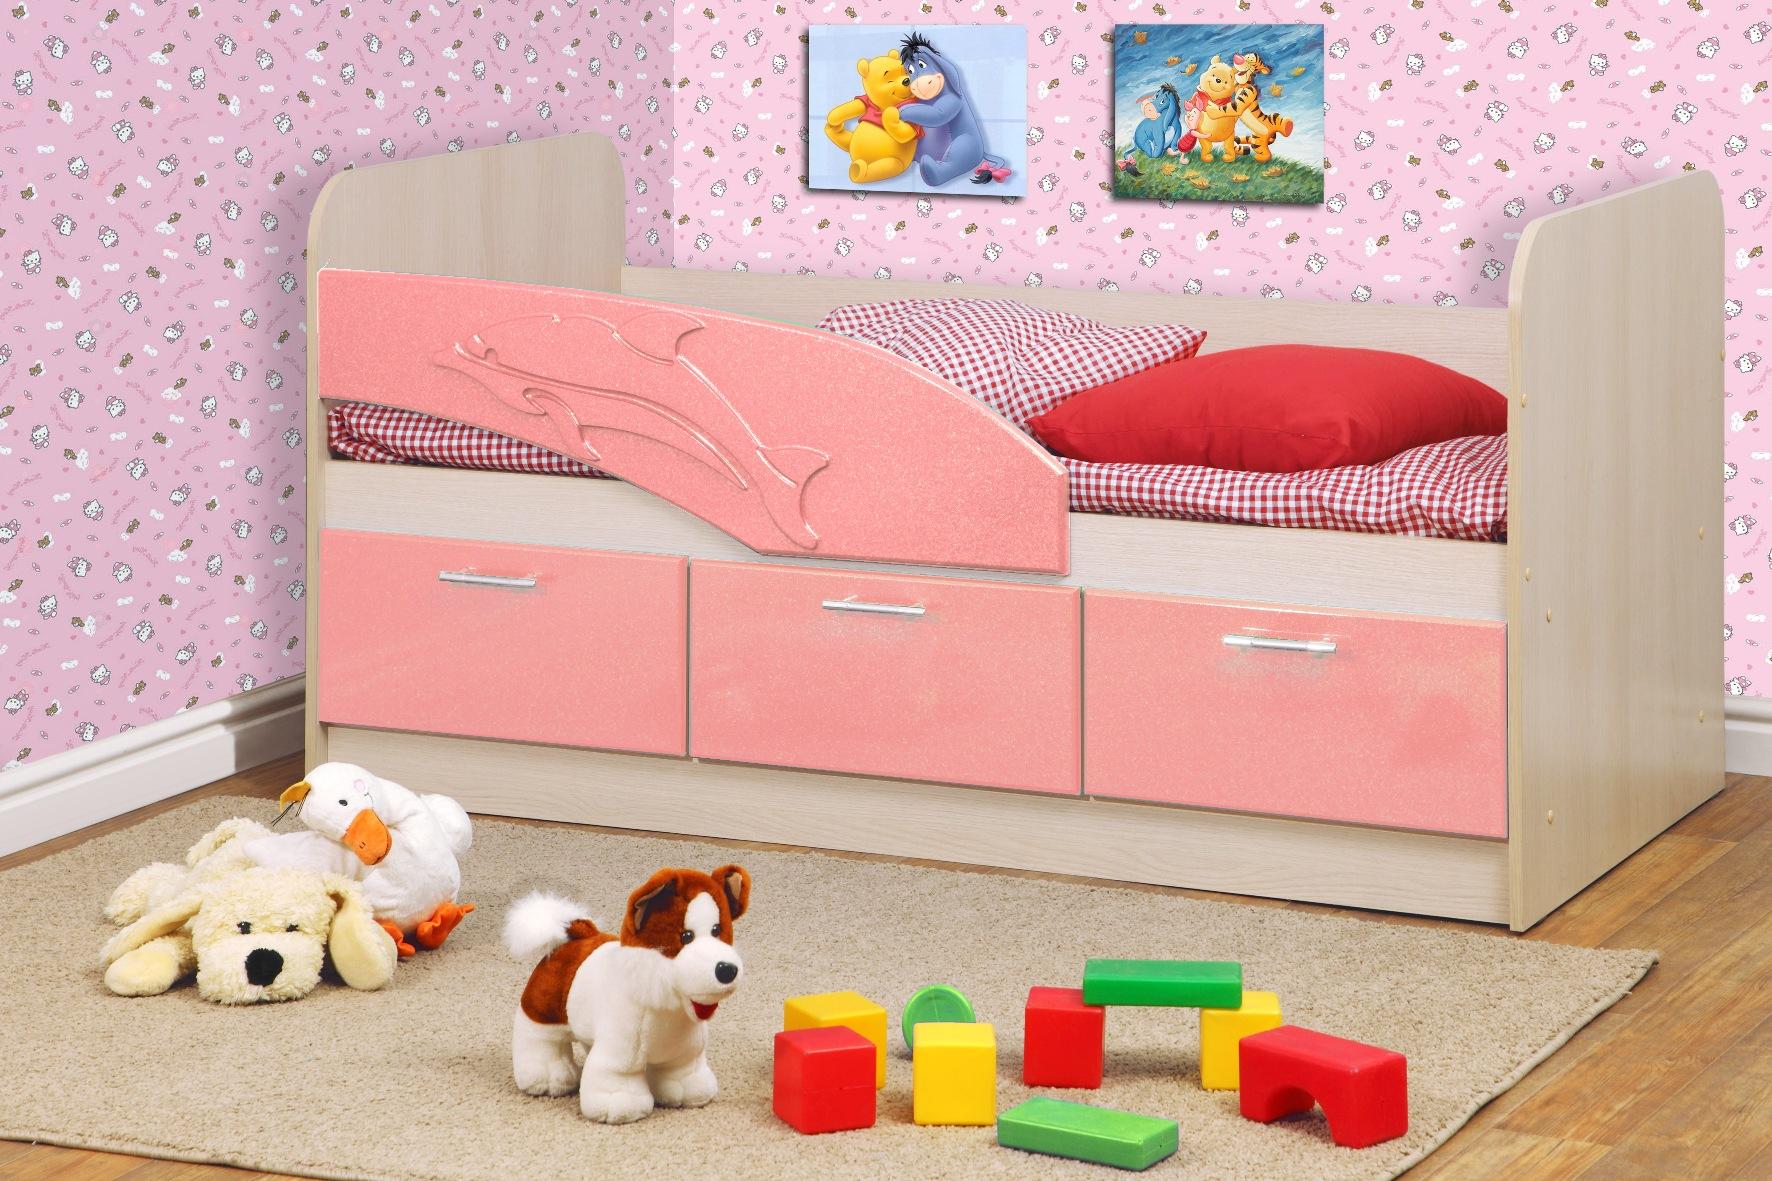 кровати для девочек от 3 лет в костроме передач ГАЗ га